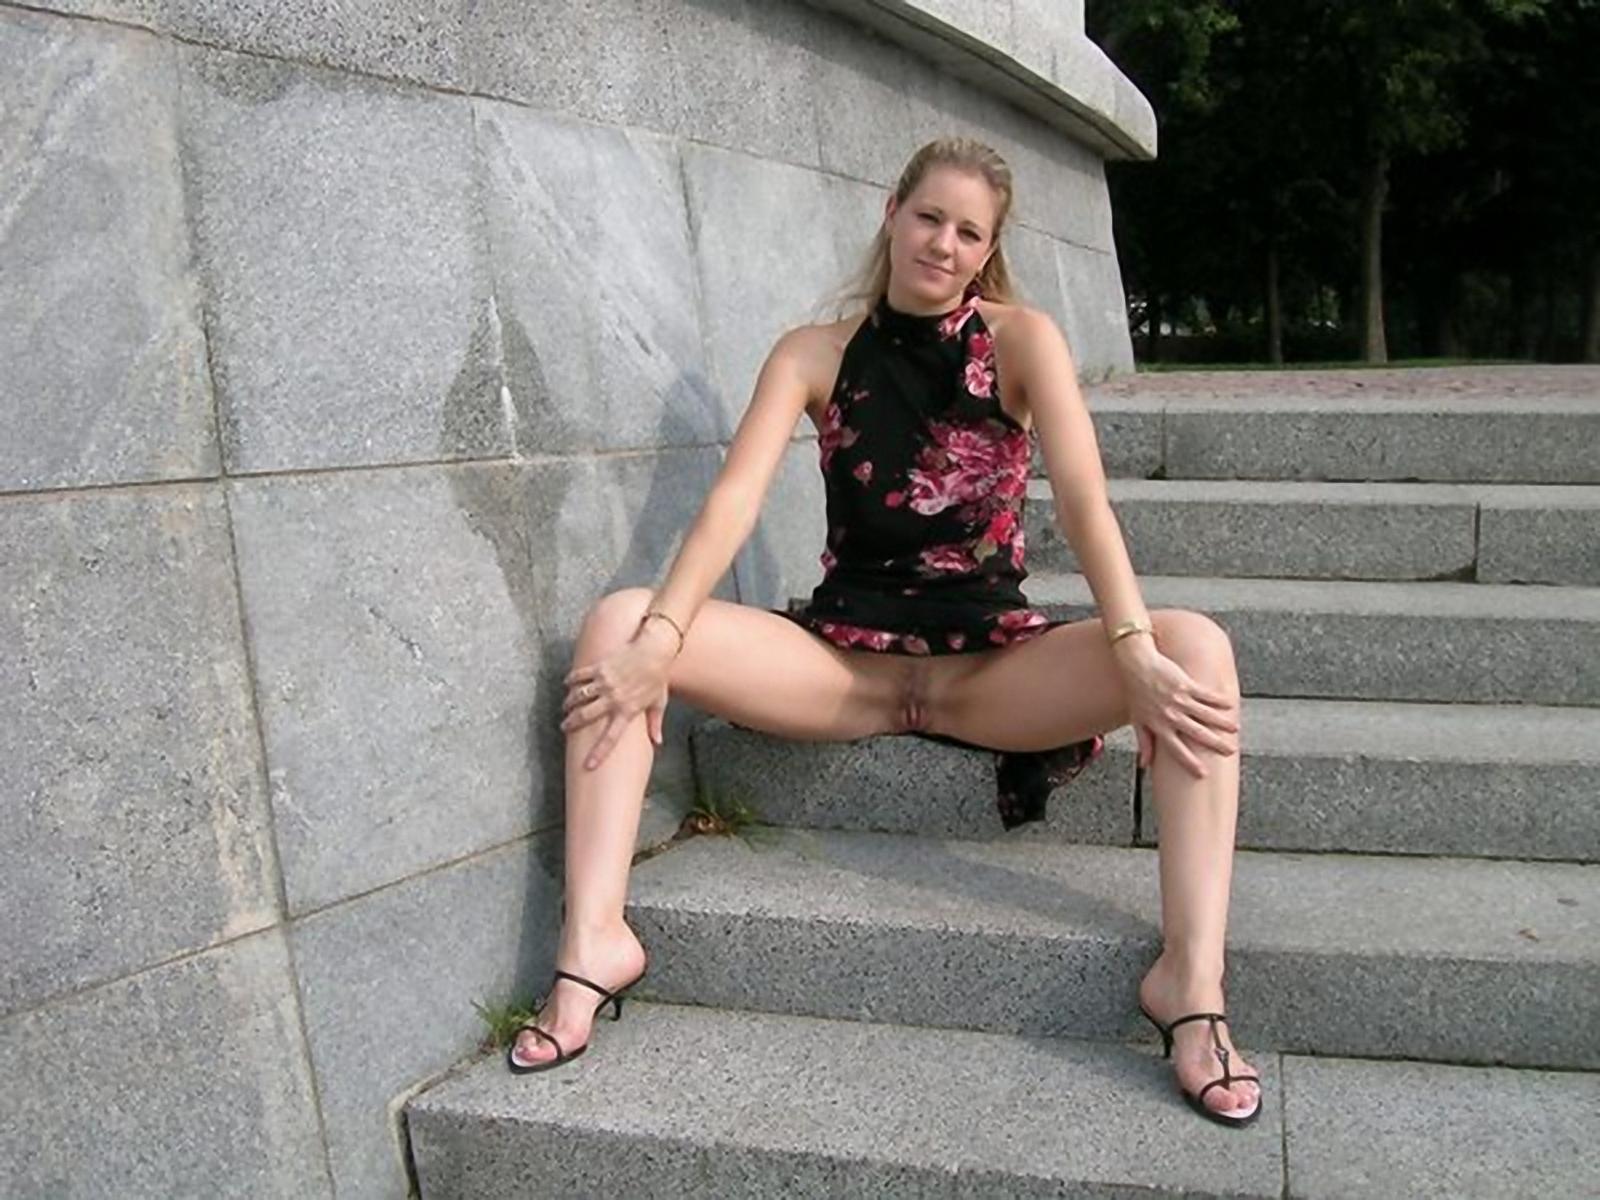 Сестра сидела без трусов 25 фотография